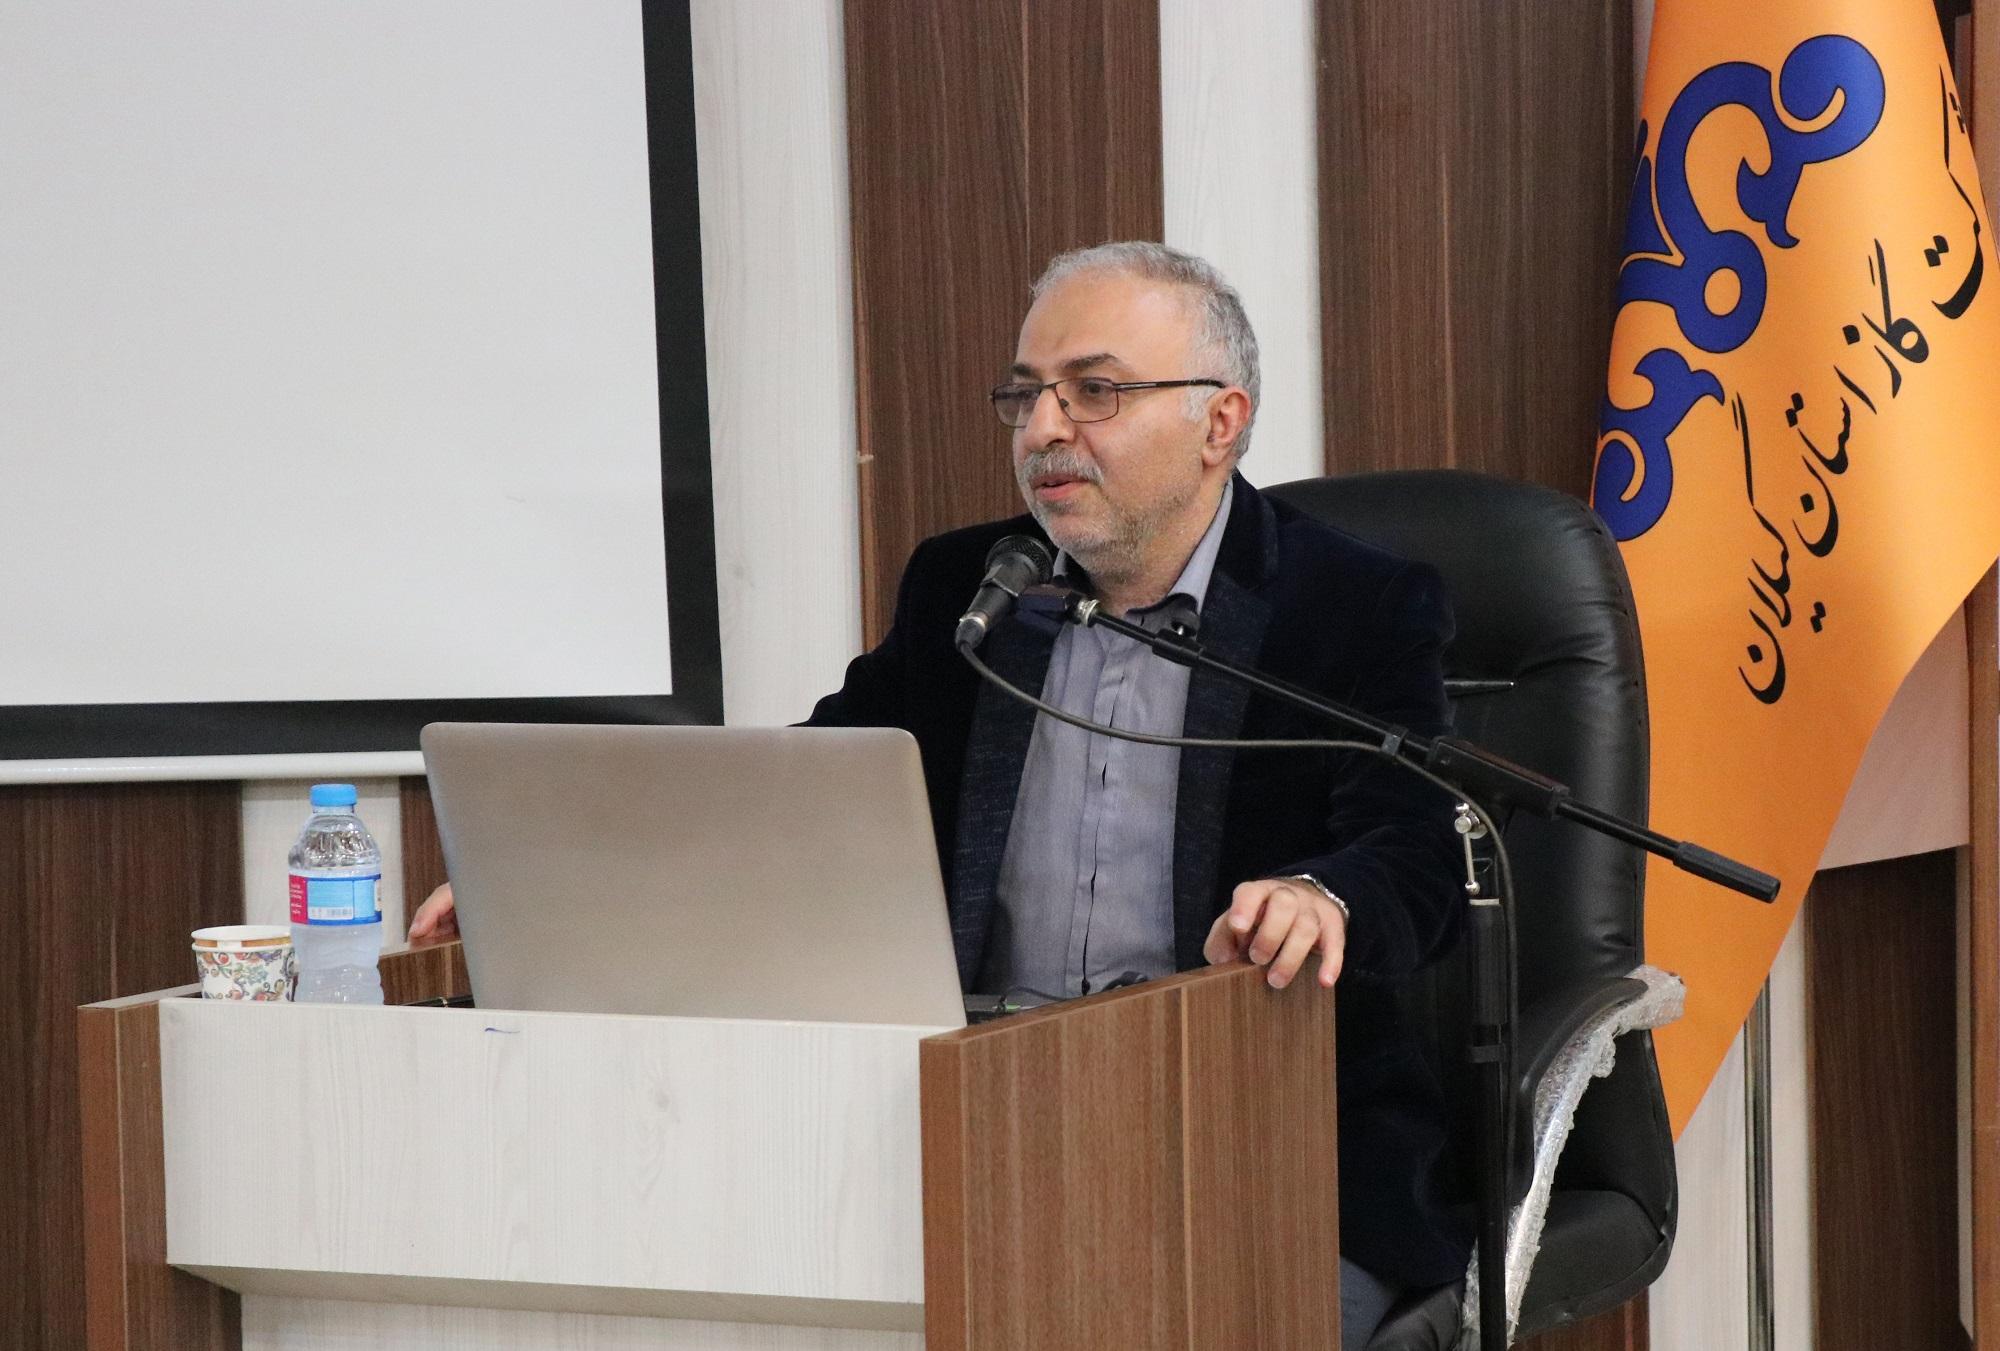 مدیرعامل شرکت گاز استان گیلان :بیش از یک میلیون و بیست هزار مشترک گاز در گیلان